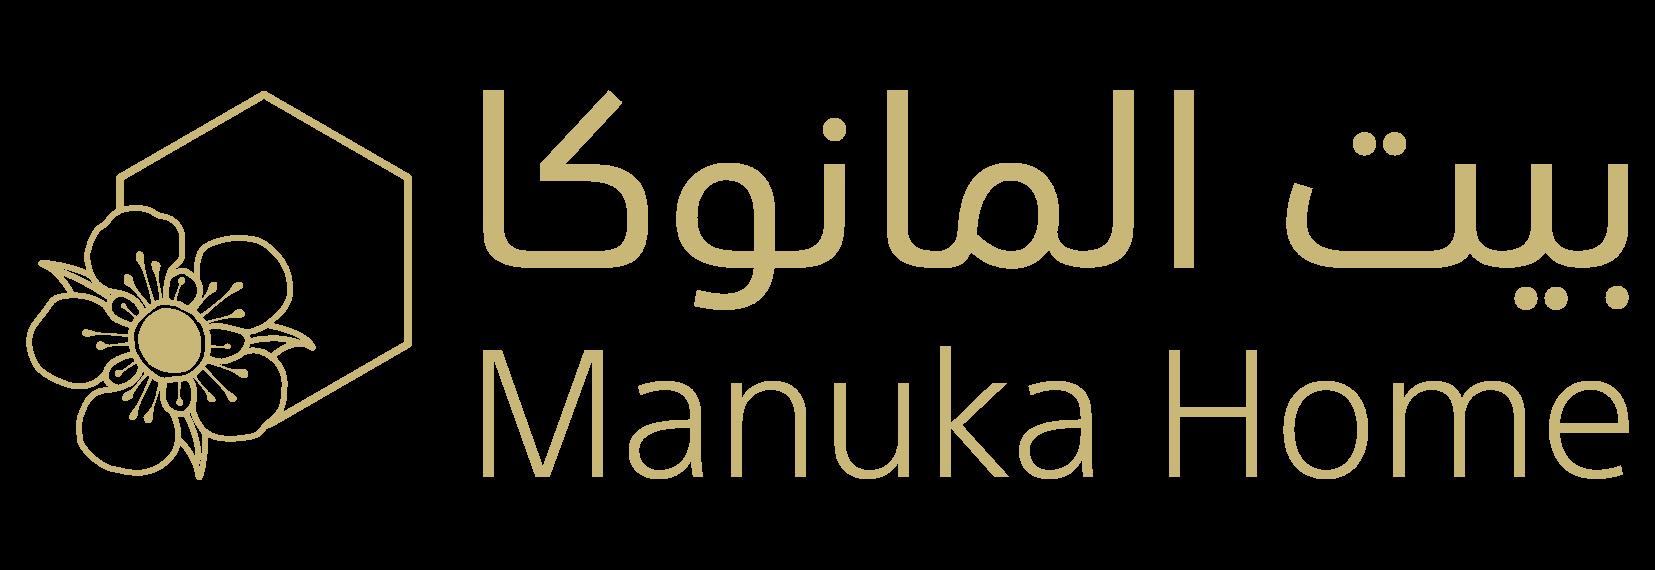 بيت المانوكا